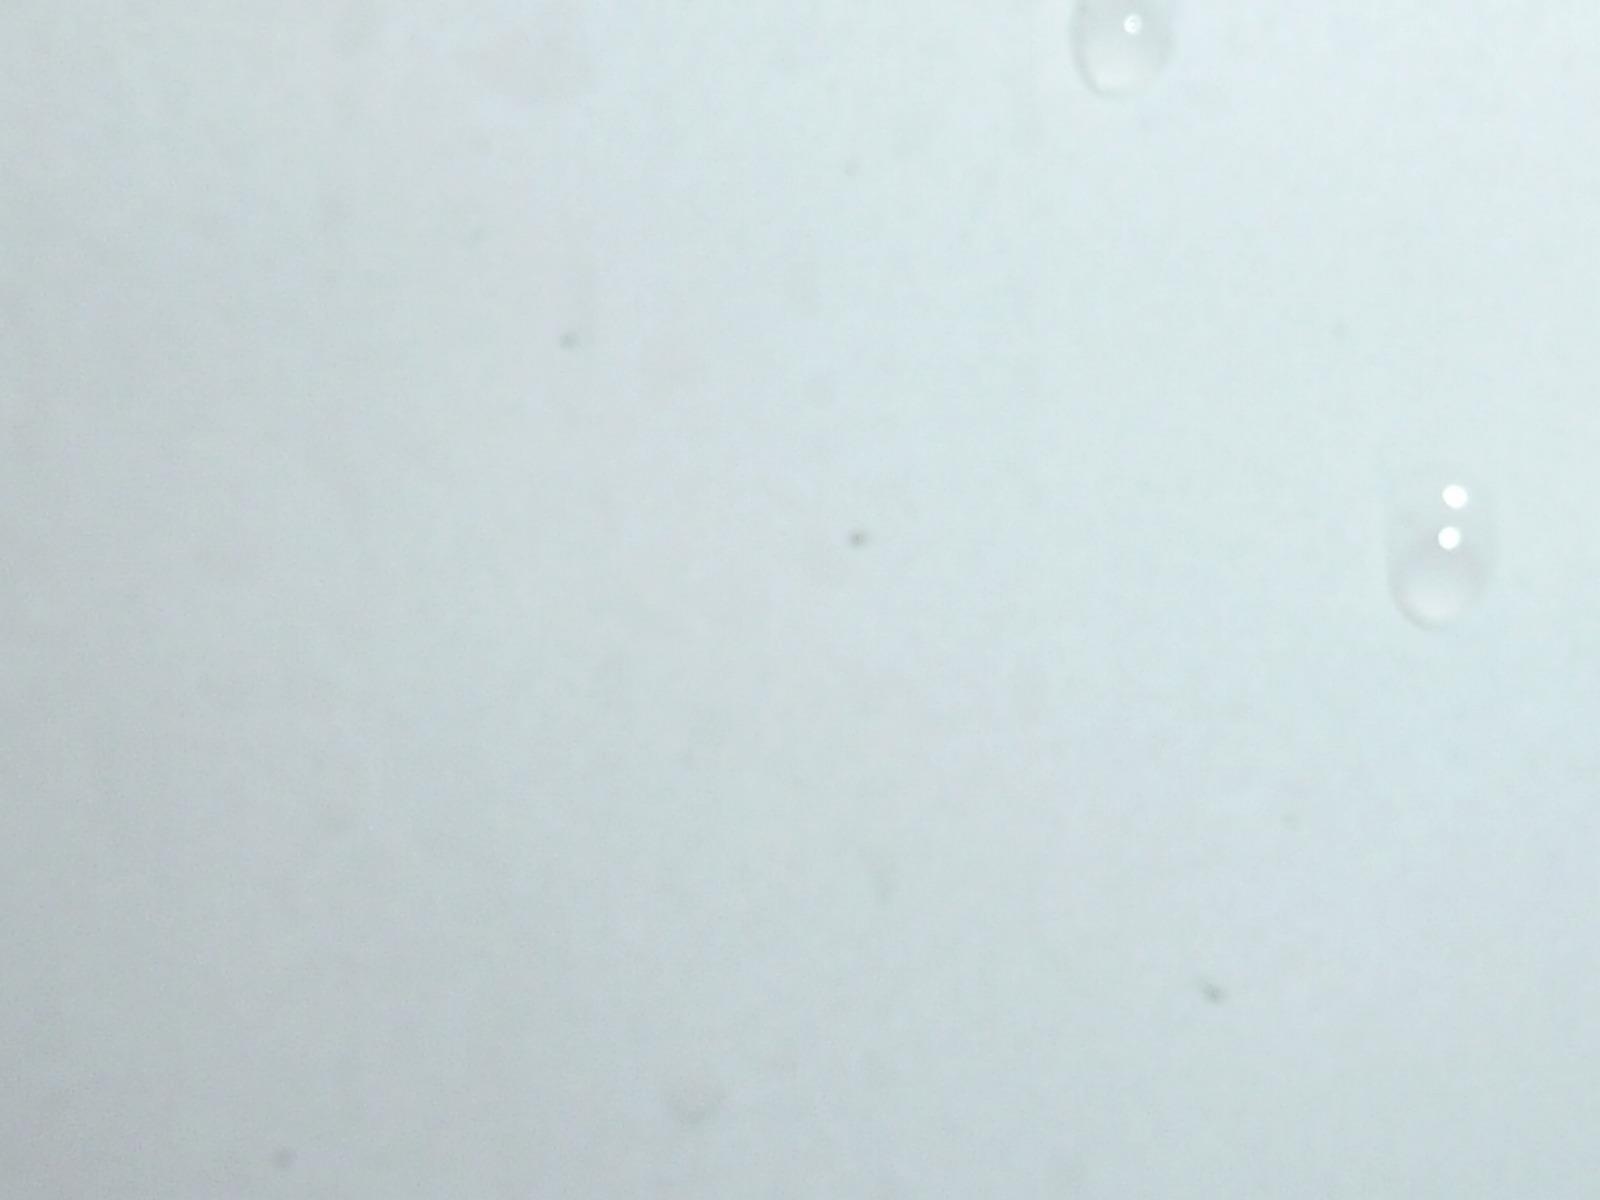 20130320-porsche-911-targa4s-04